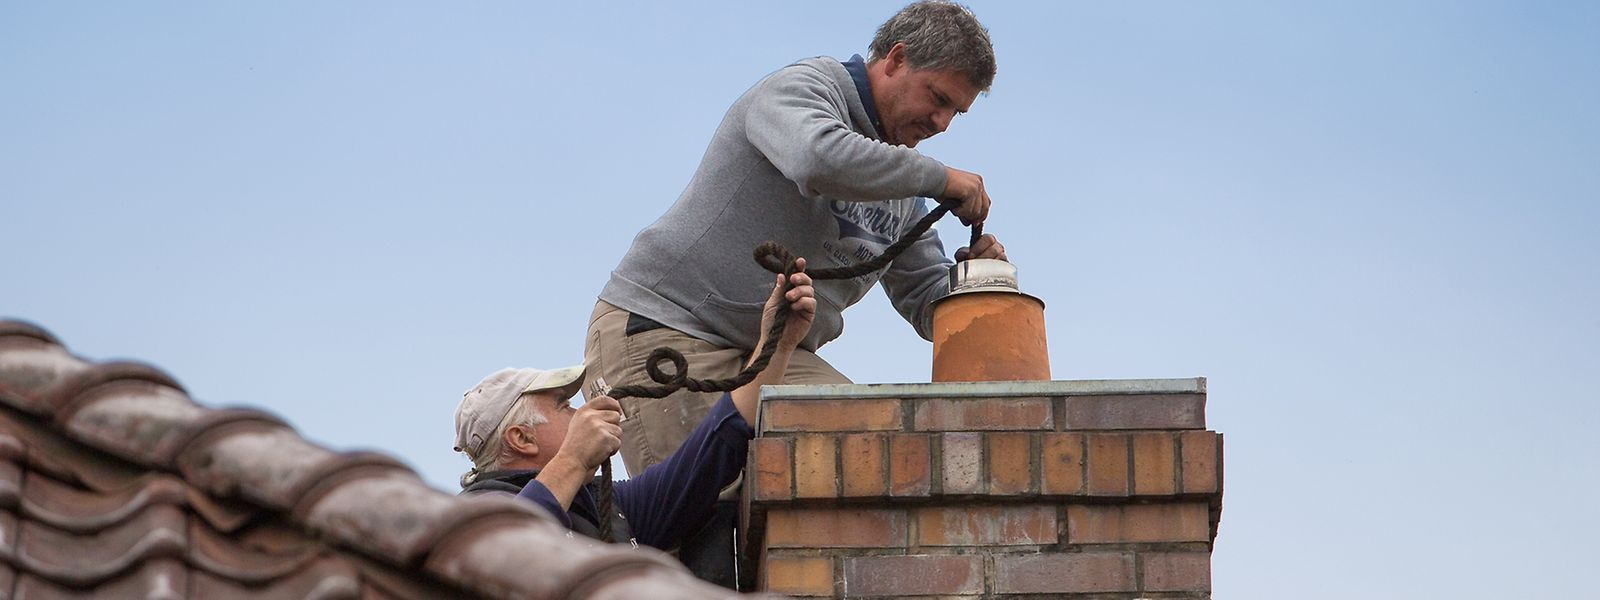 A equipa da Toitures Martino aconselha a limpeza das chaminés antes do Inverno e a supervisão dos telhados.